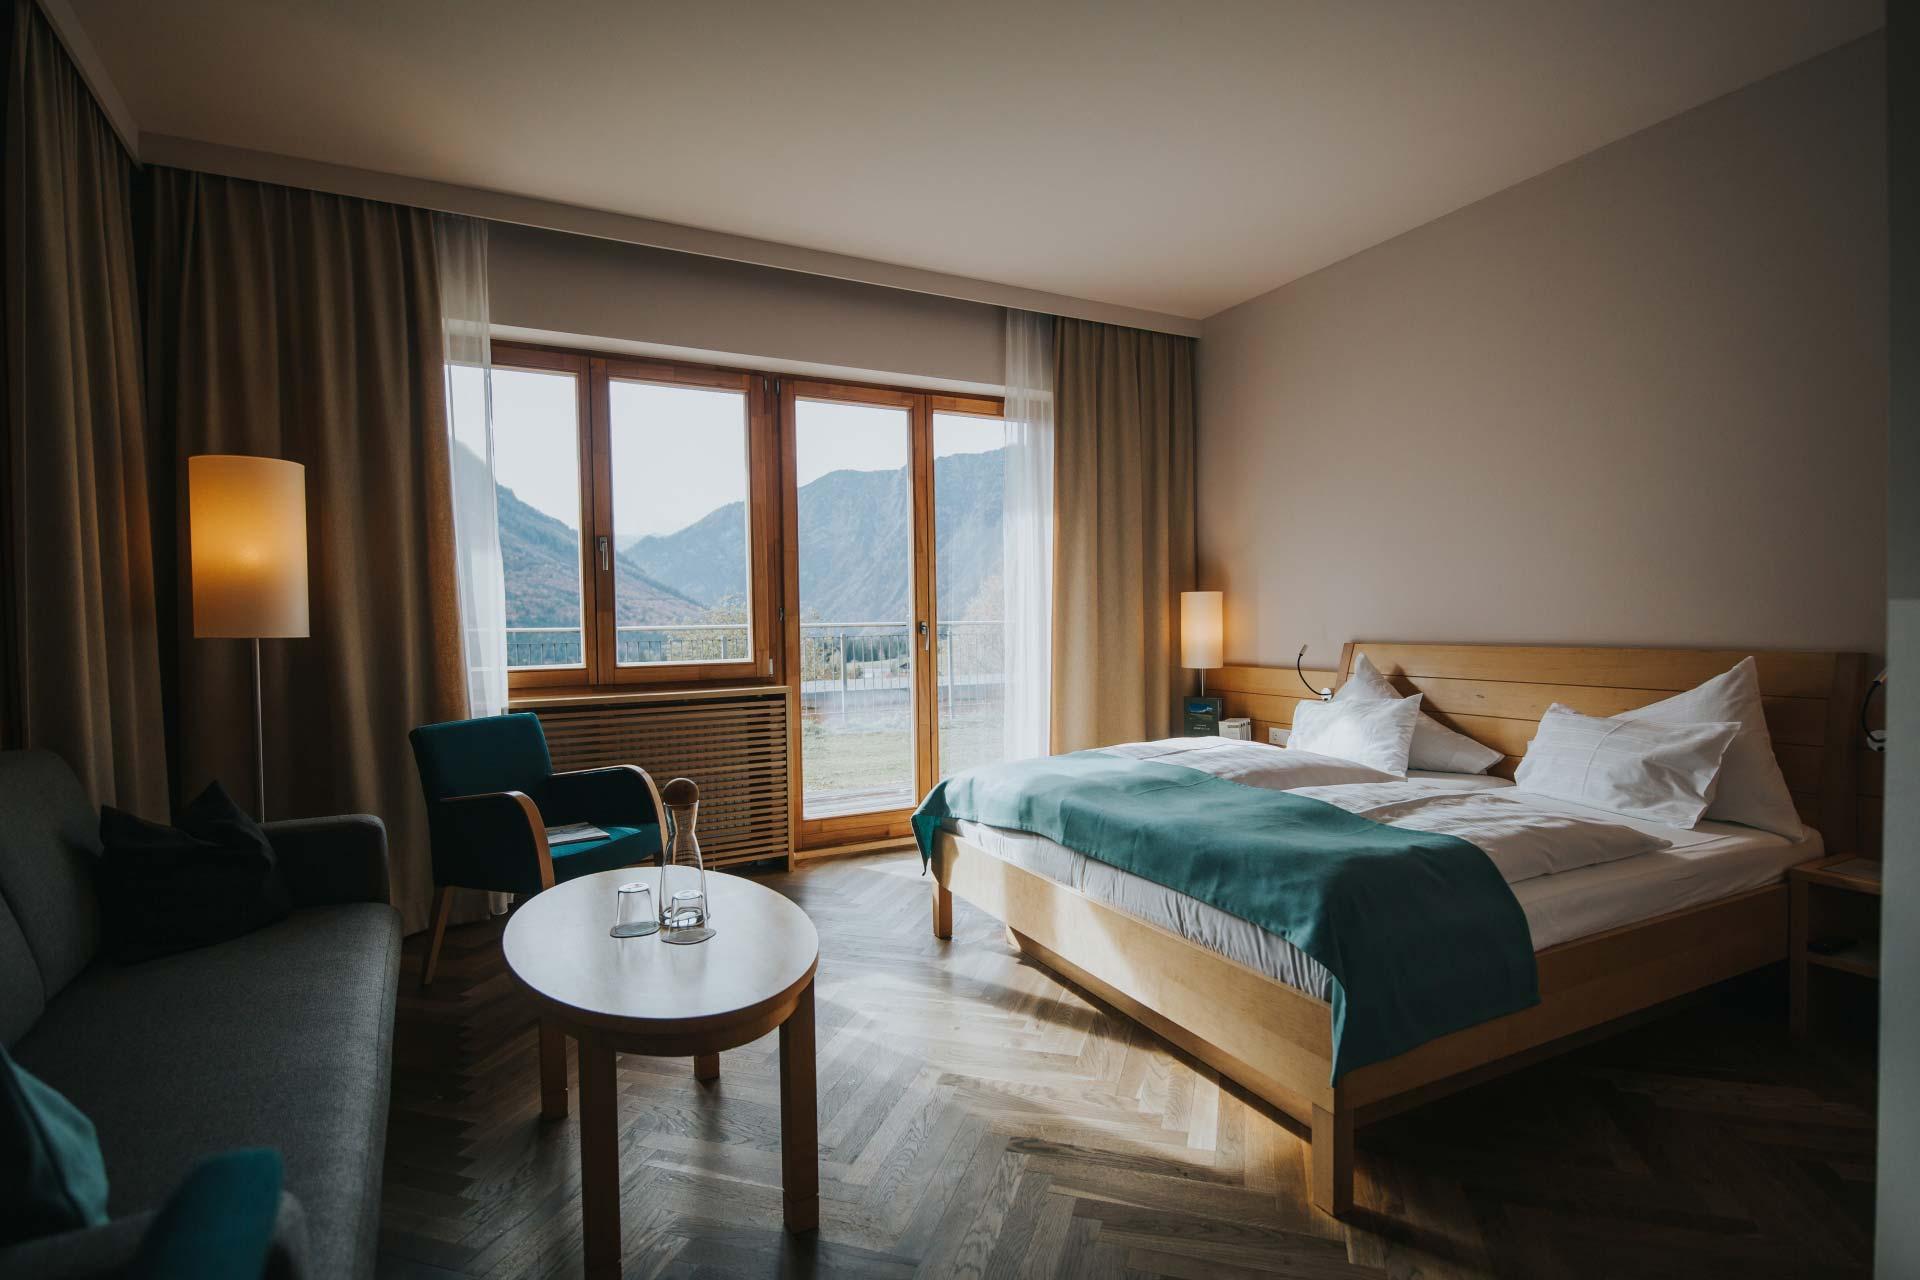 Premium Doppelzimmer Dachstein mit Ausblick auf den Dachsteingletscher - die wasnerin